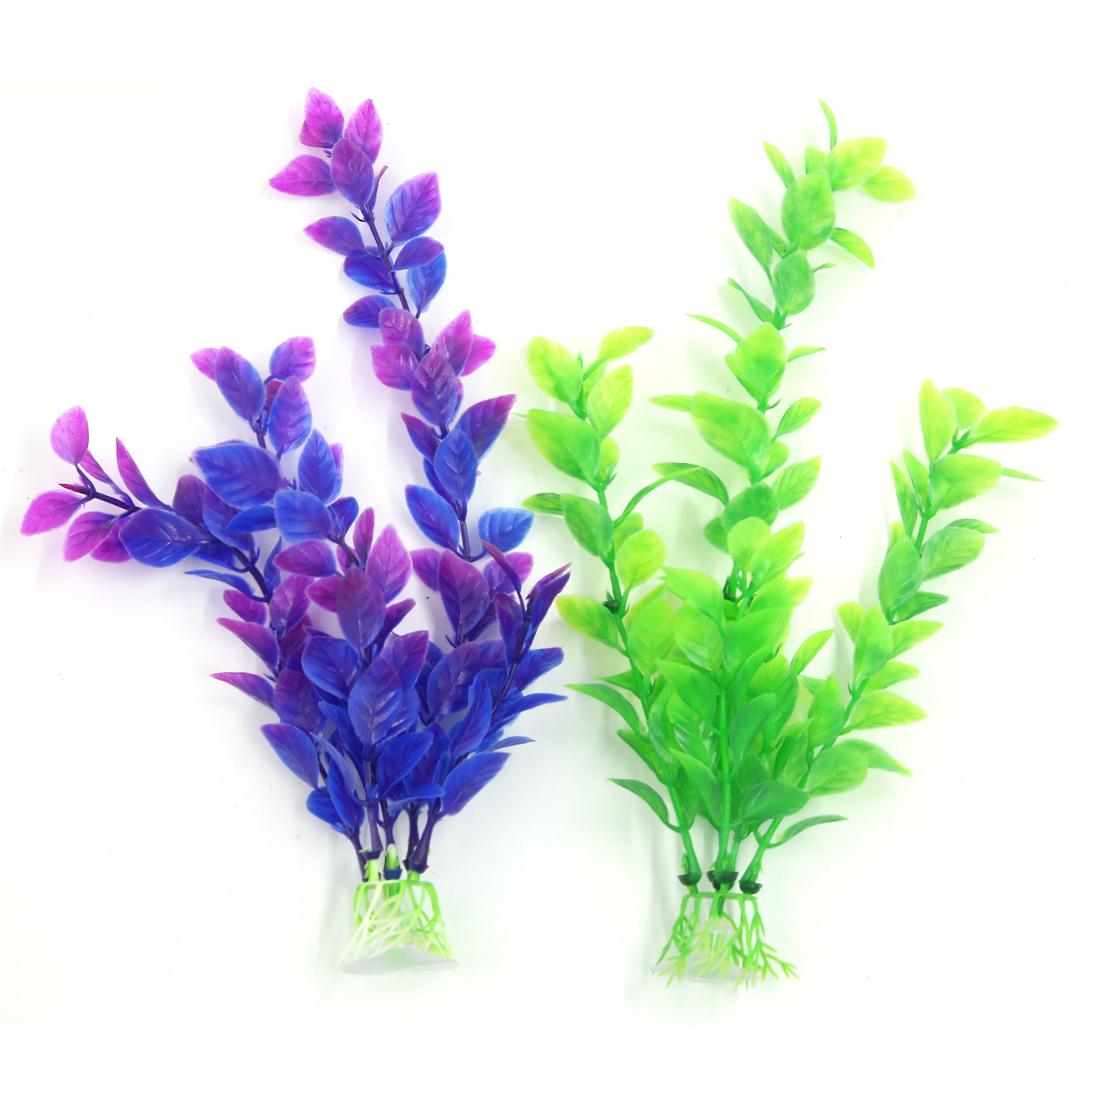 2 PCS Green Purple Aqua Landscape 24cm High Plastic Plant with Suction Cup